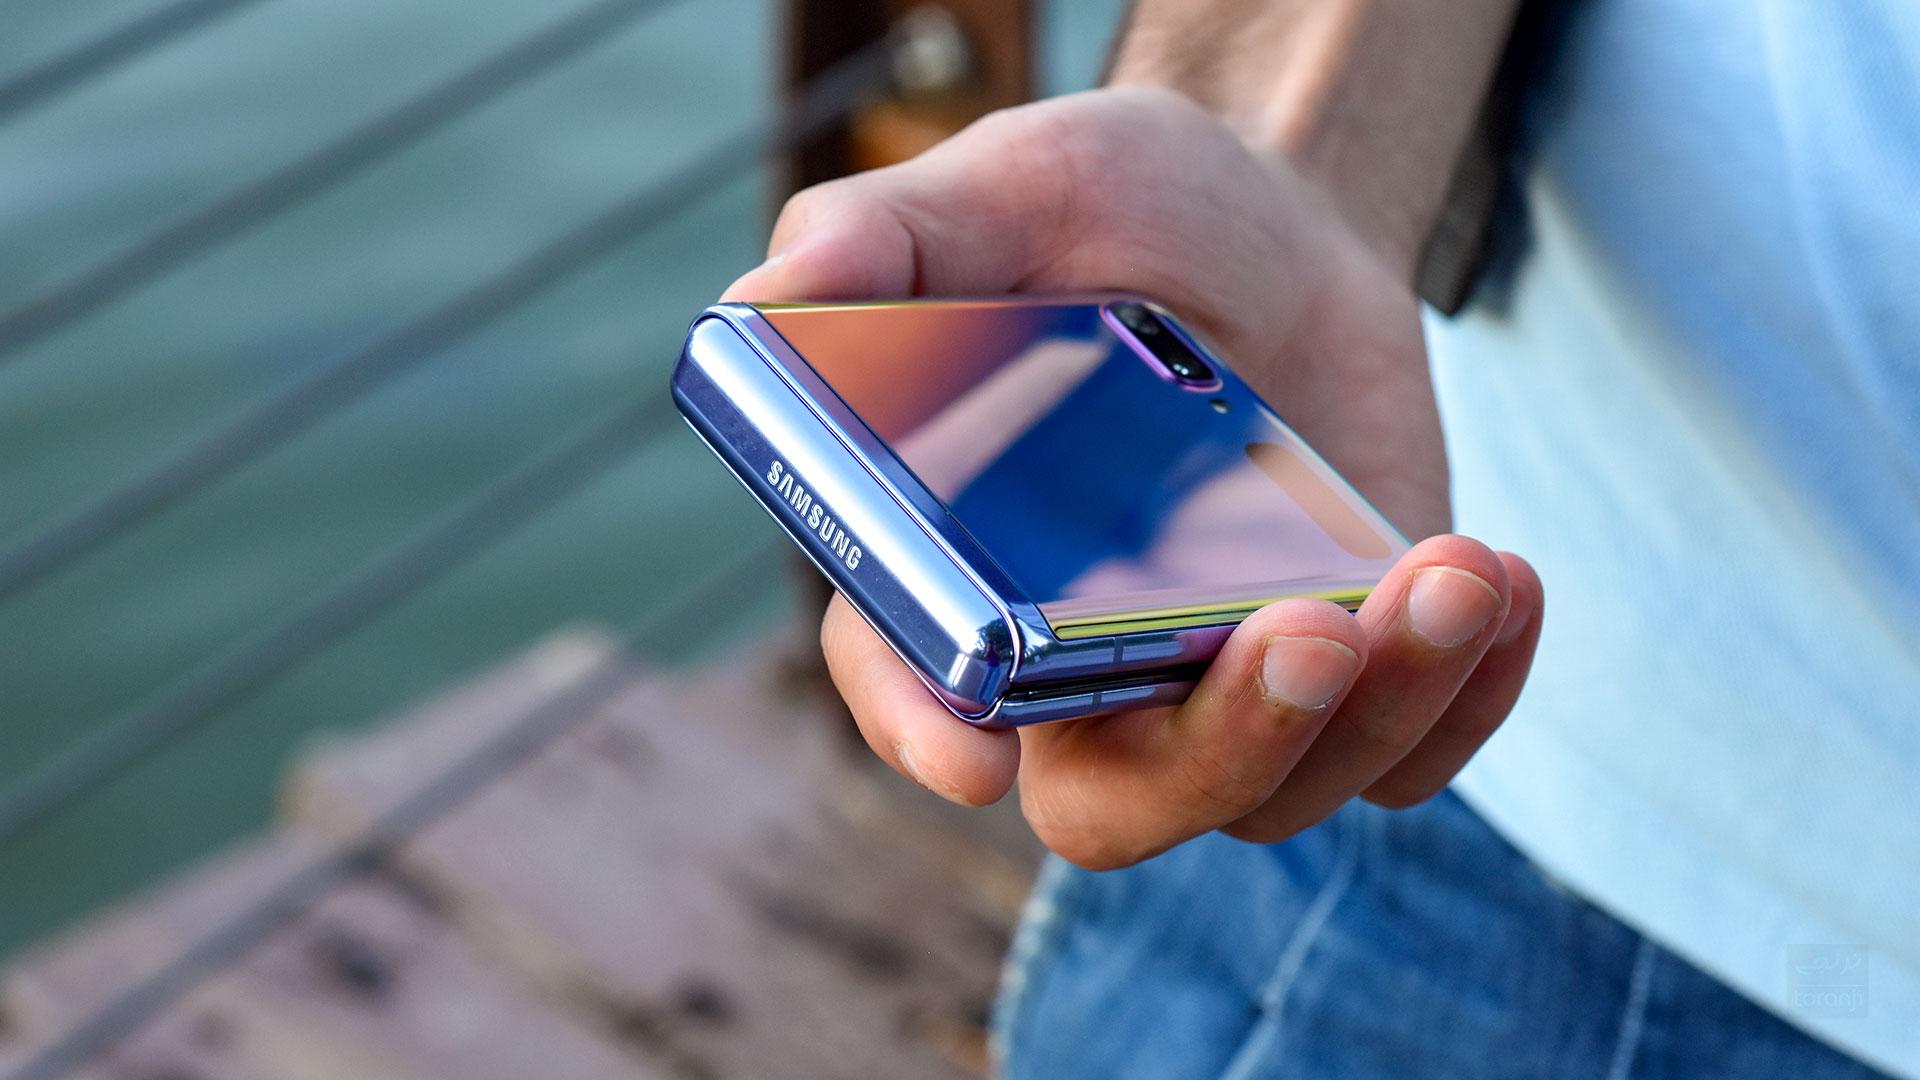 گلکسی زد فلیپ 5G با اسنپدراگون ۸۶۵ ارایه خواهد شد